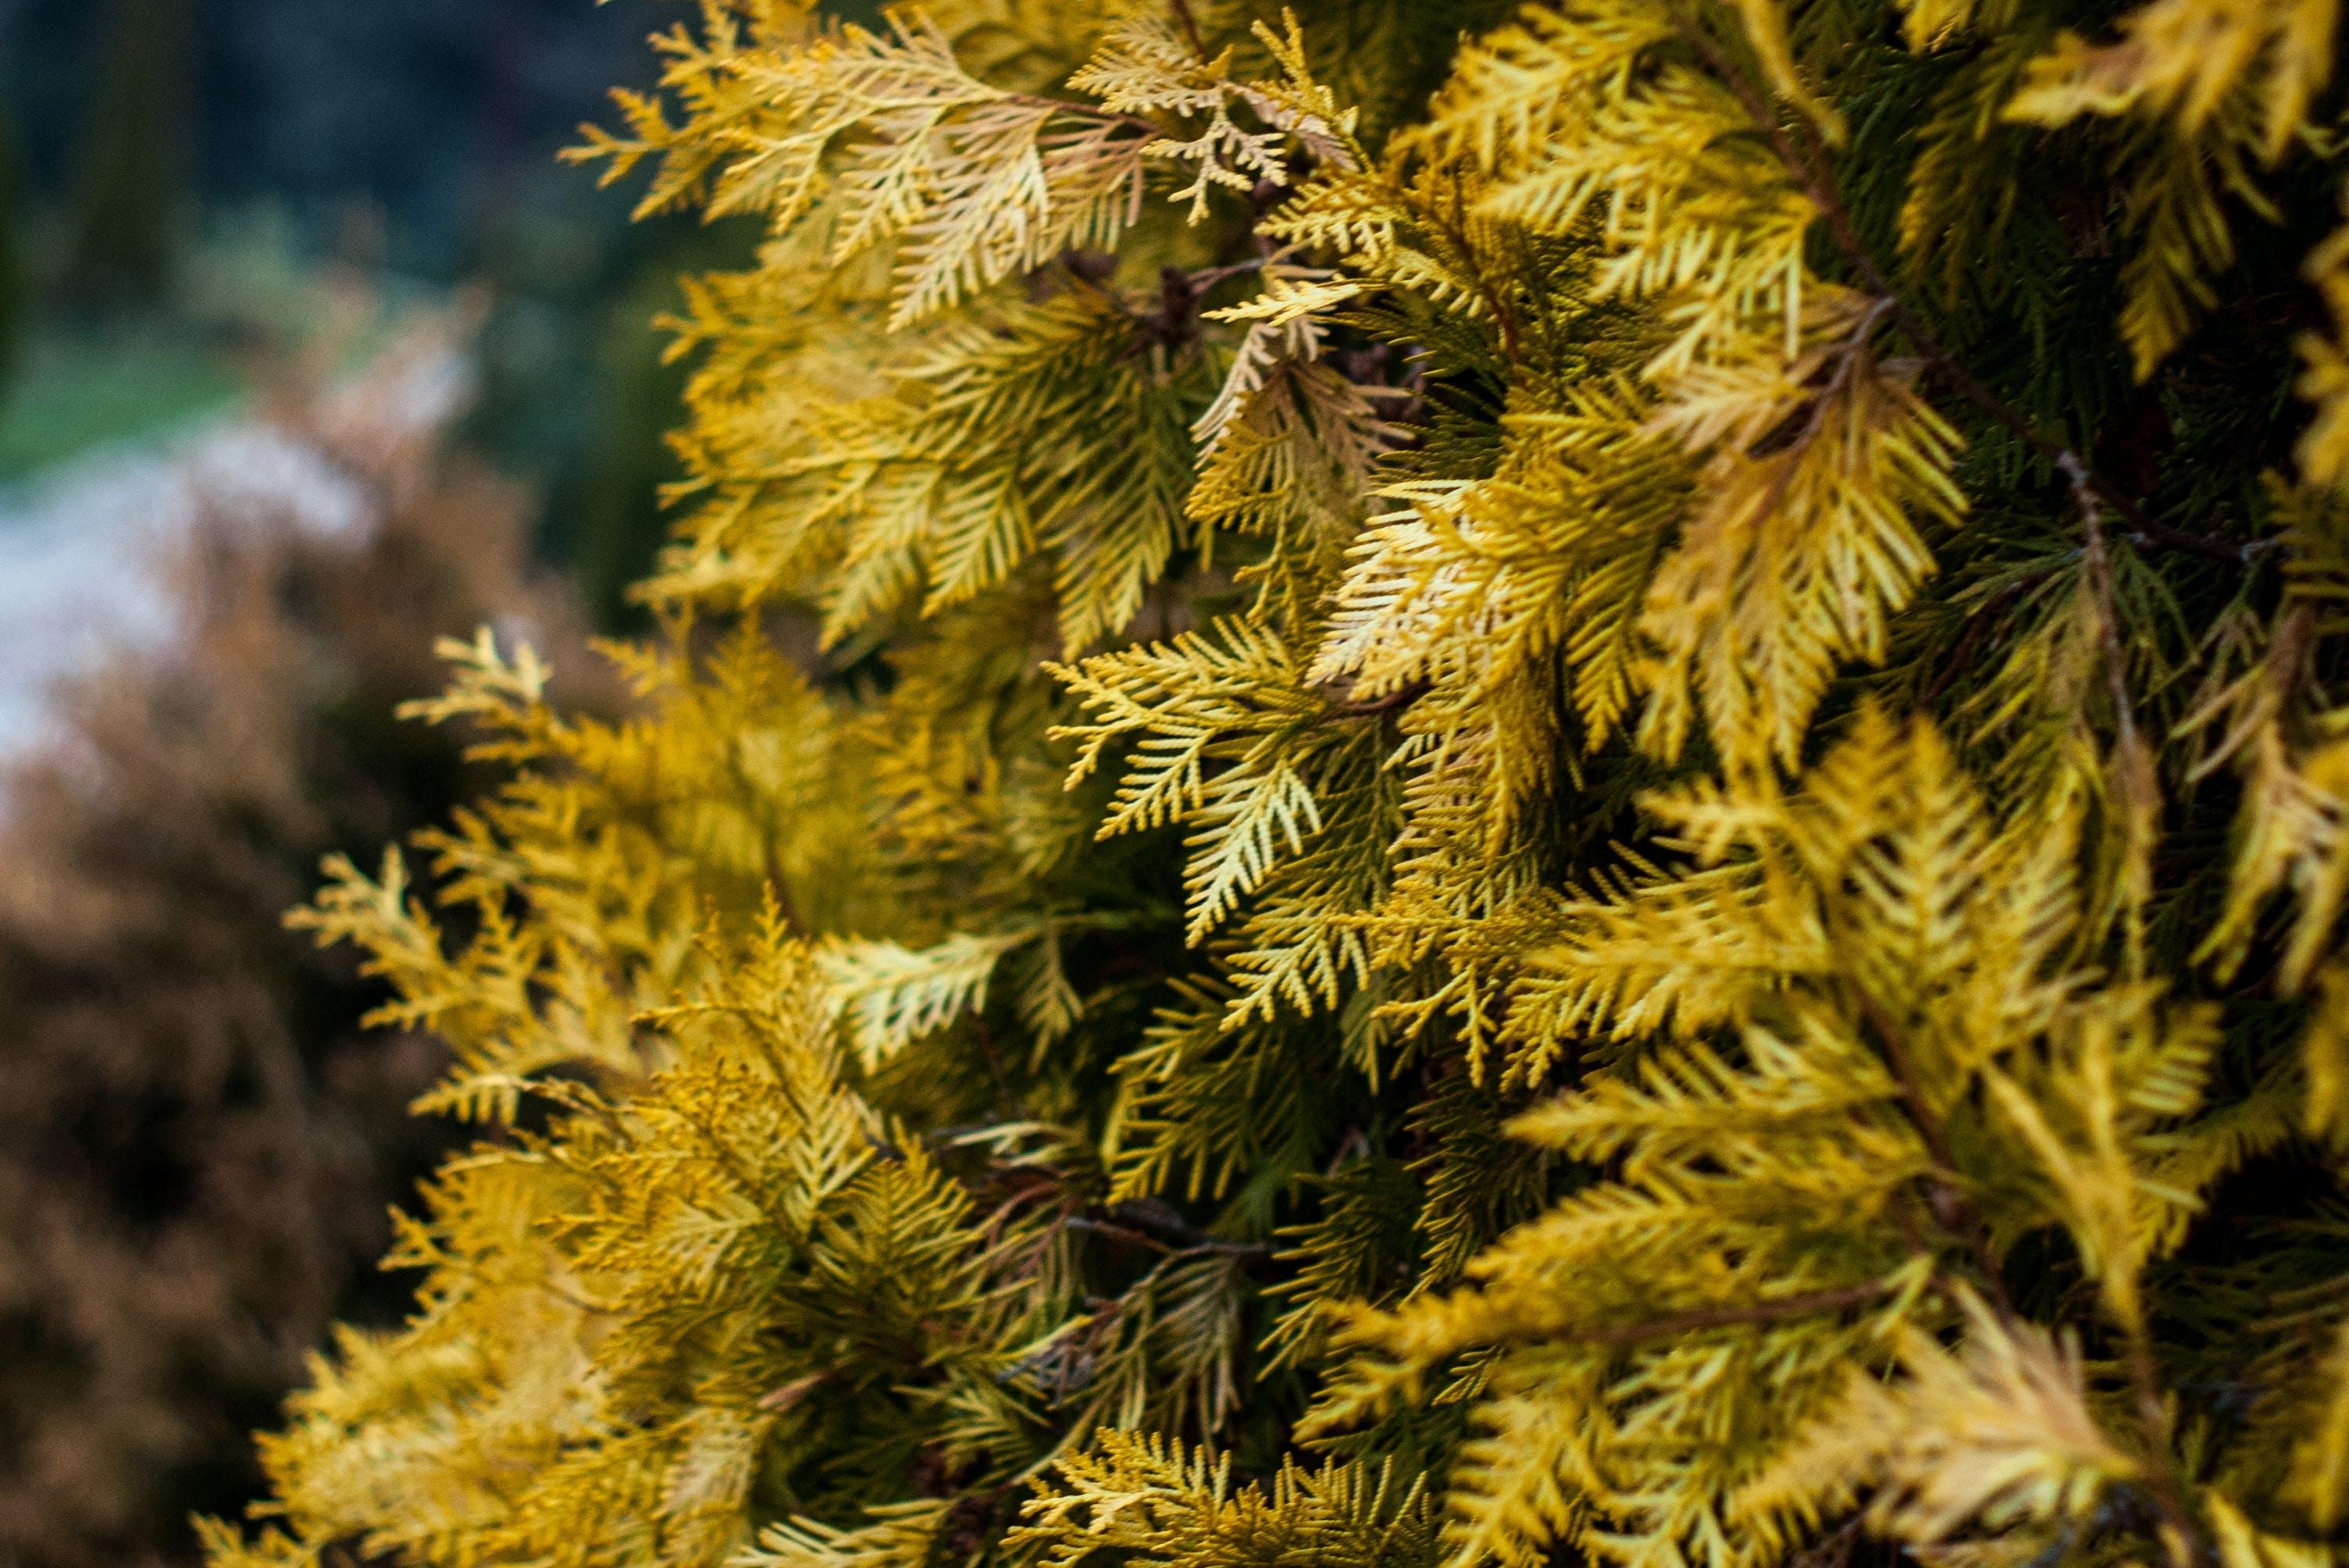 Δωρεάν στοκ φωτογραφιών με larix lyallii, αειθαλής, γκρο πλαν, δέντρο